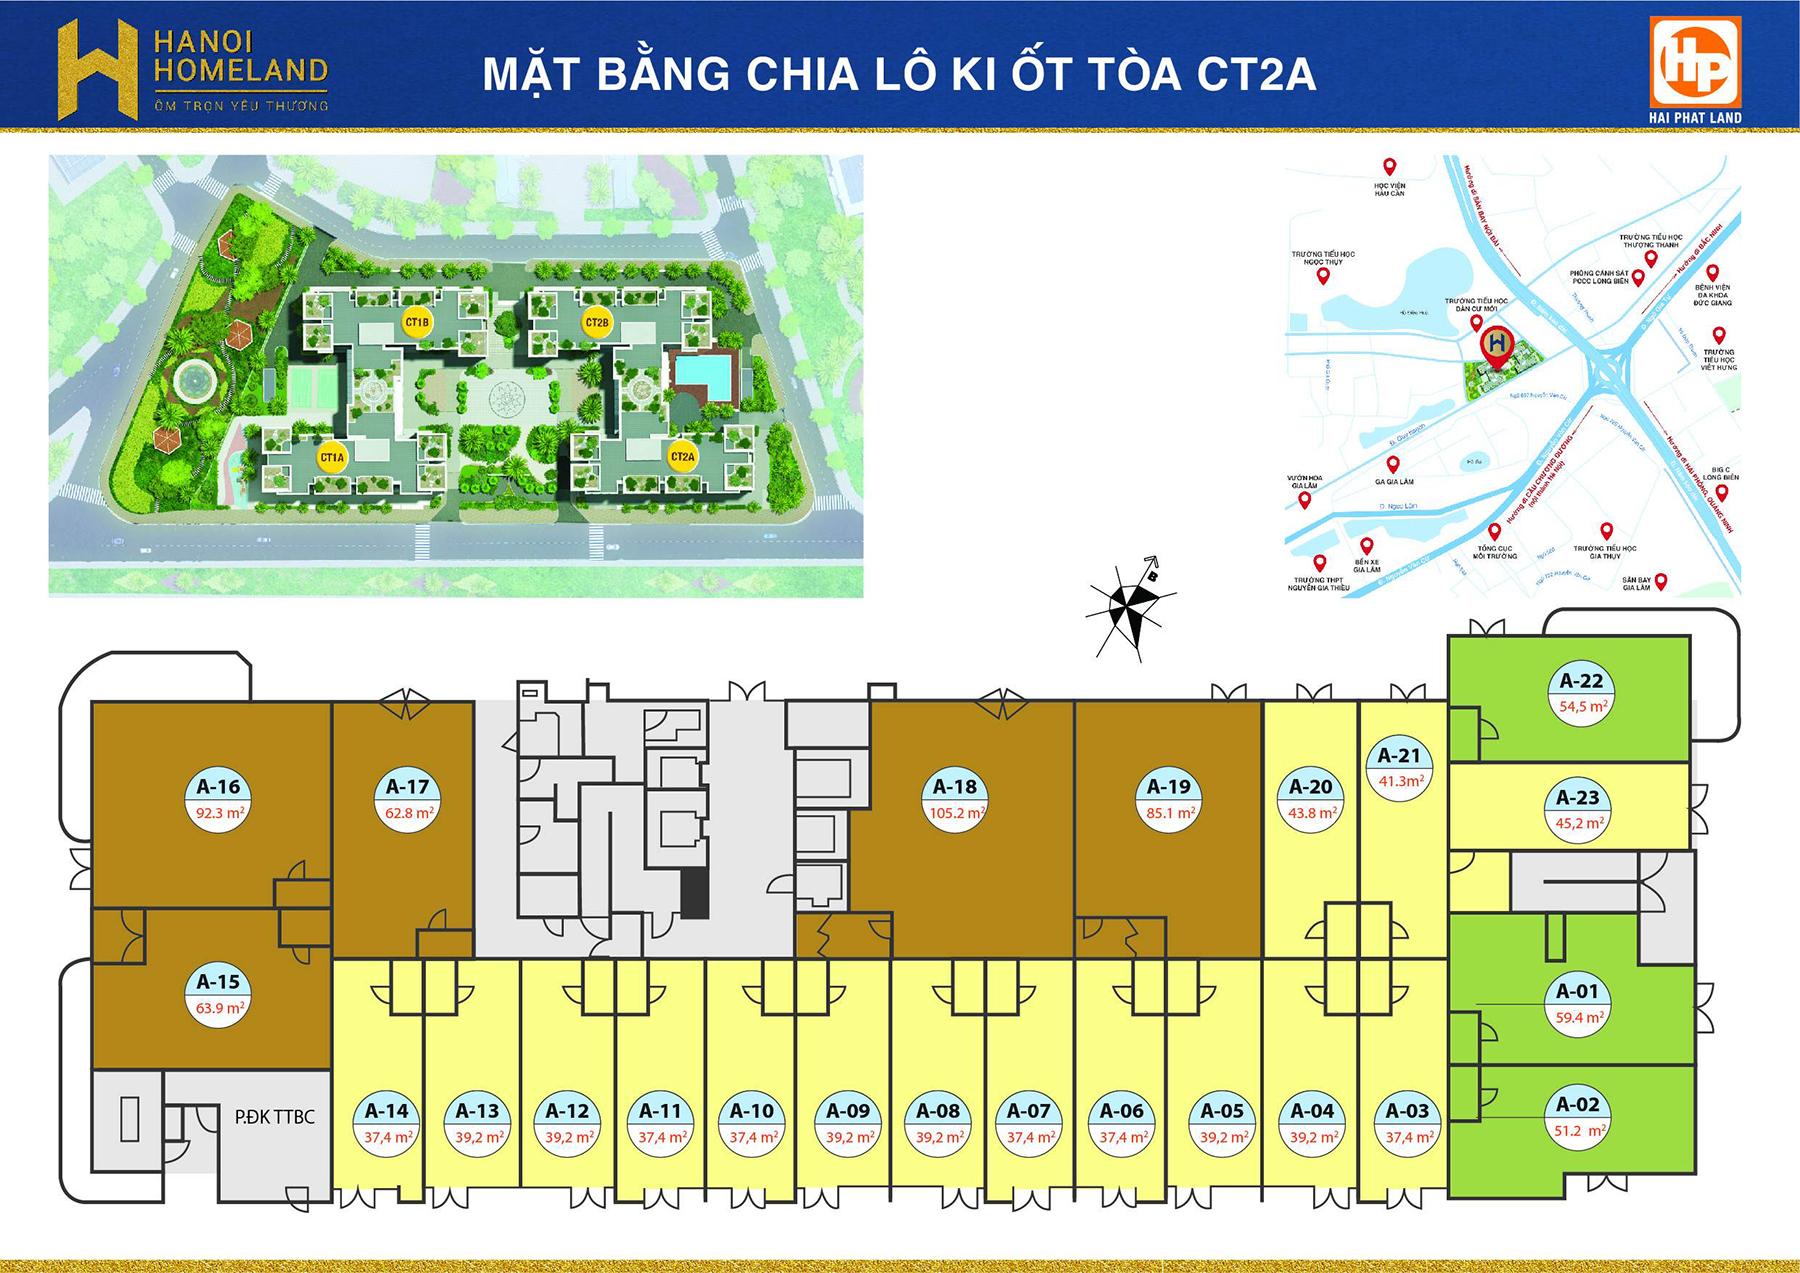 mat-bang-kiot-Ha-noi-homeland-fix